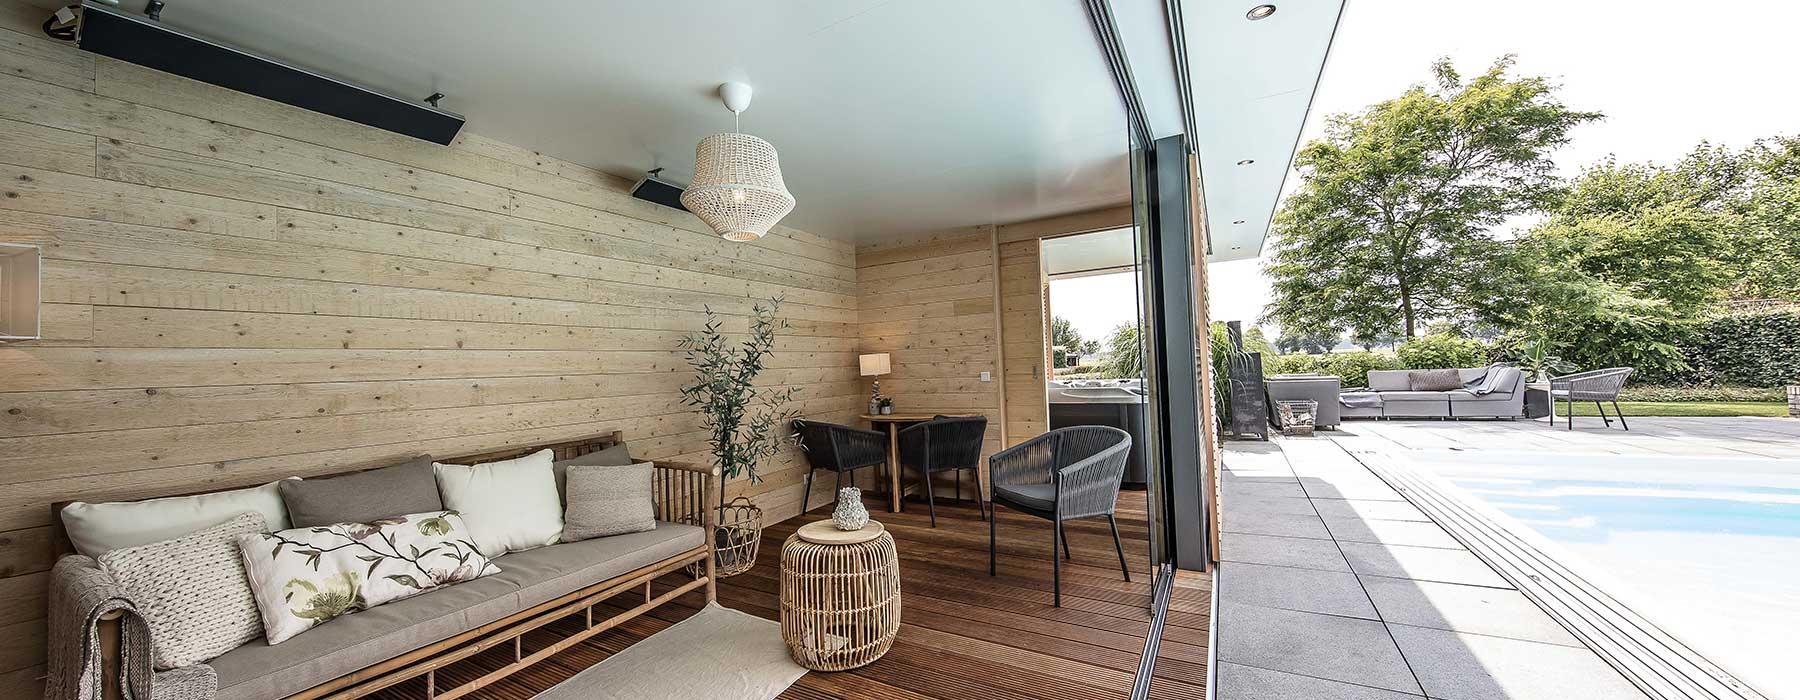 lodz-veranda-3